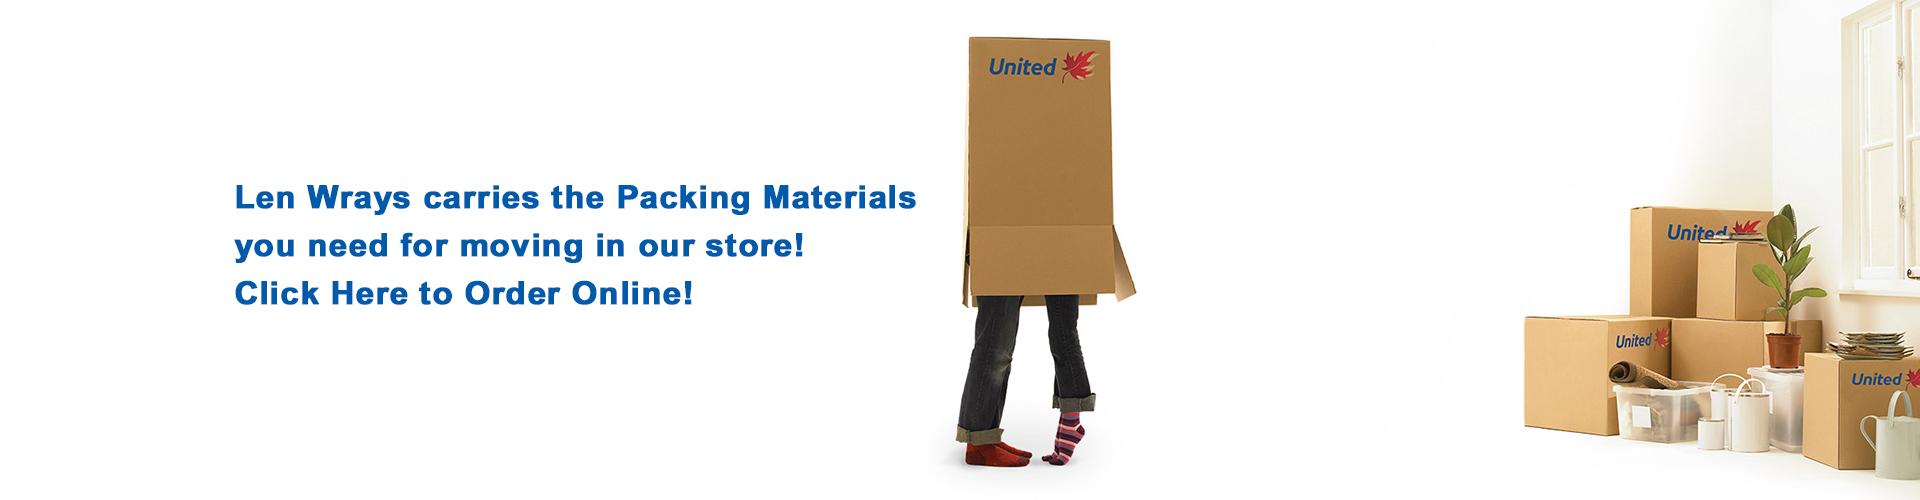 packing-materials-hss2